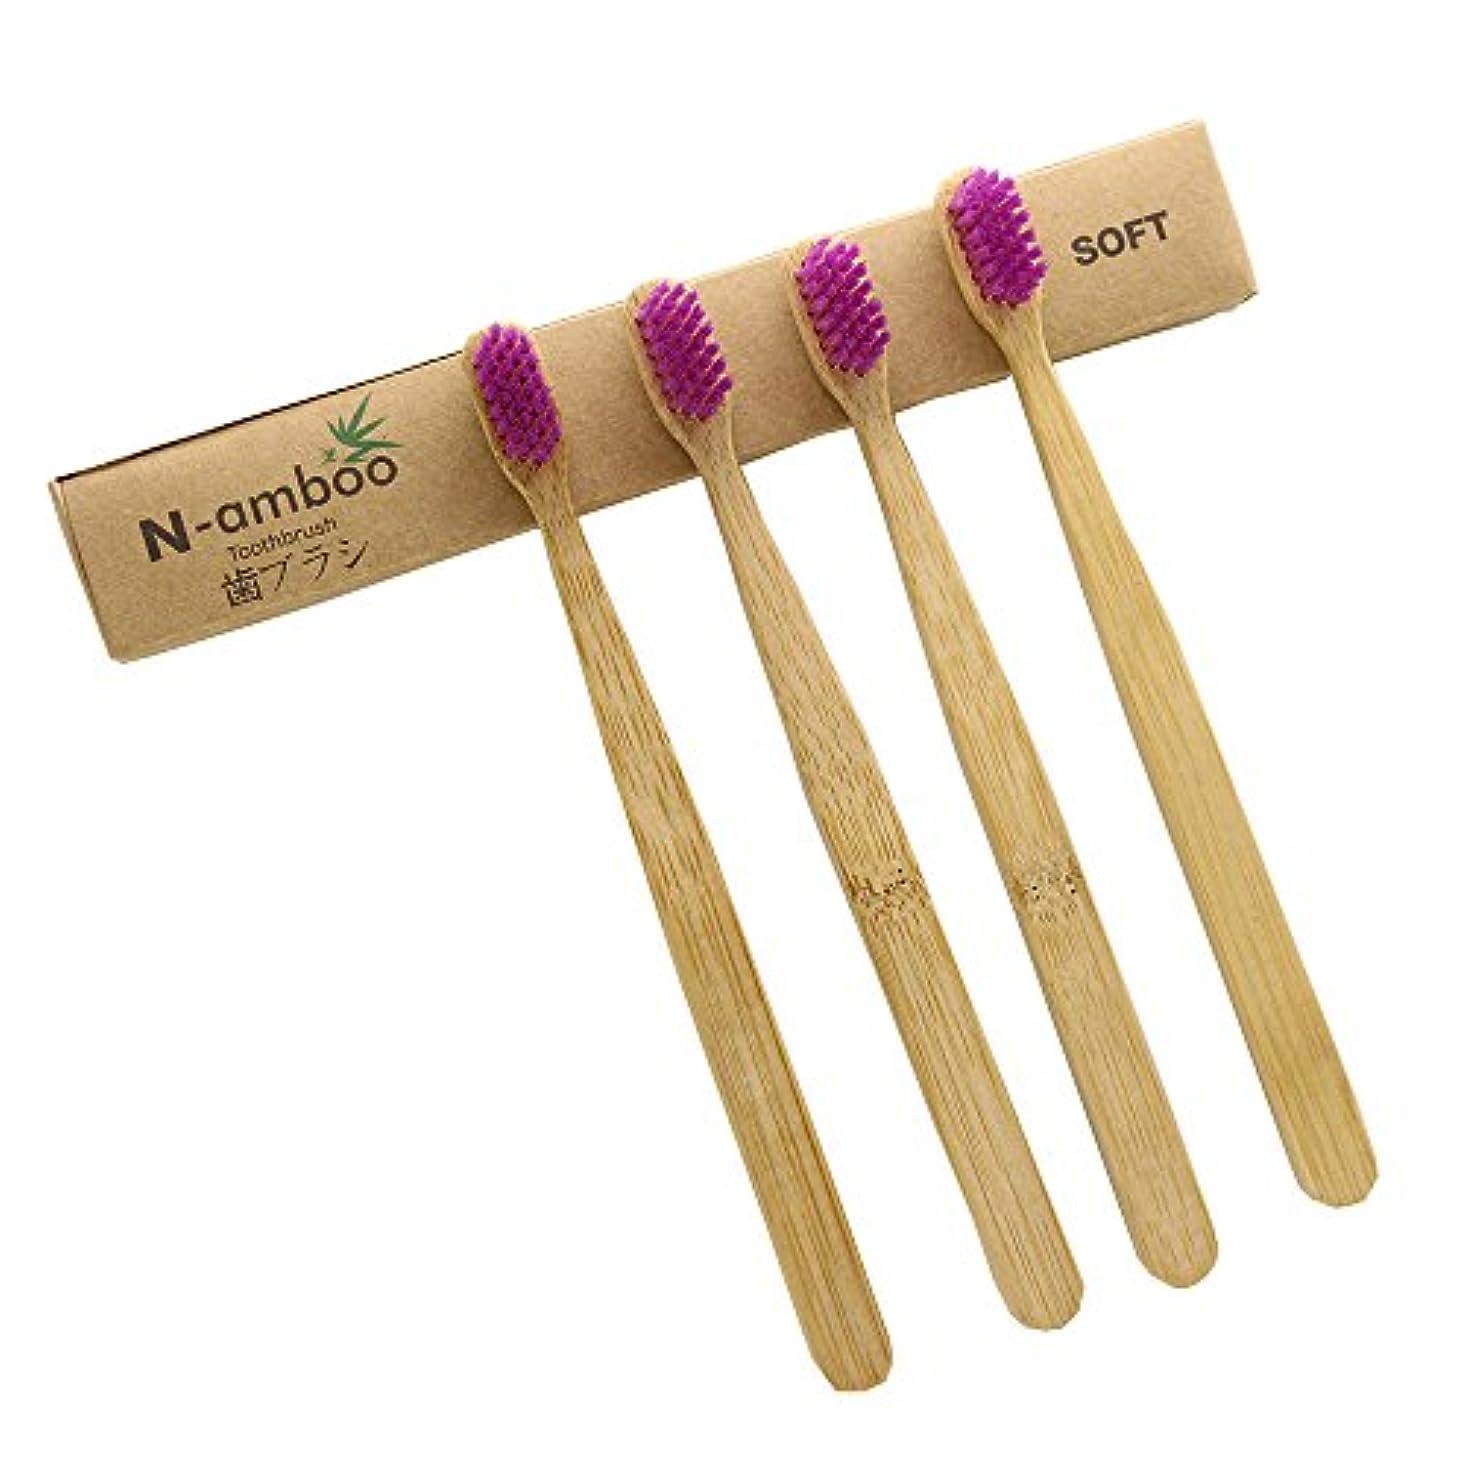 N-amboo 竹製 歯ブラシ 高耐久性 むらさきいろ エコ 色あざやか (4本)